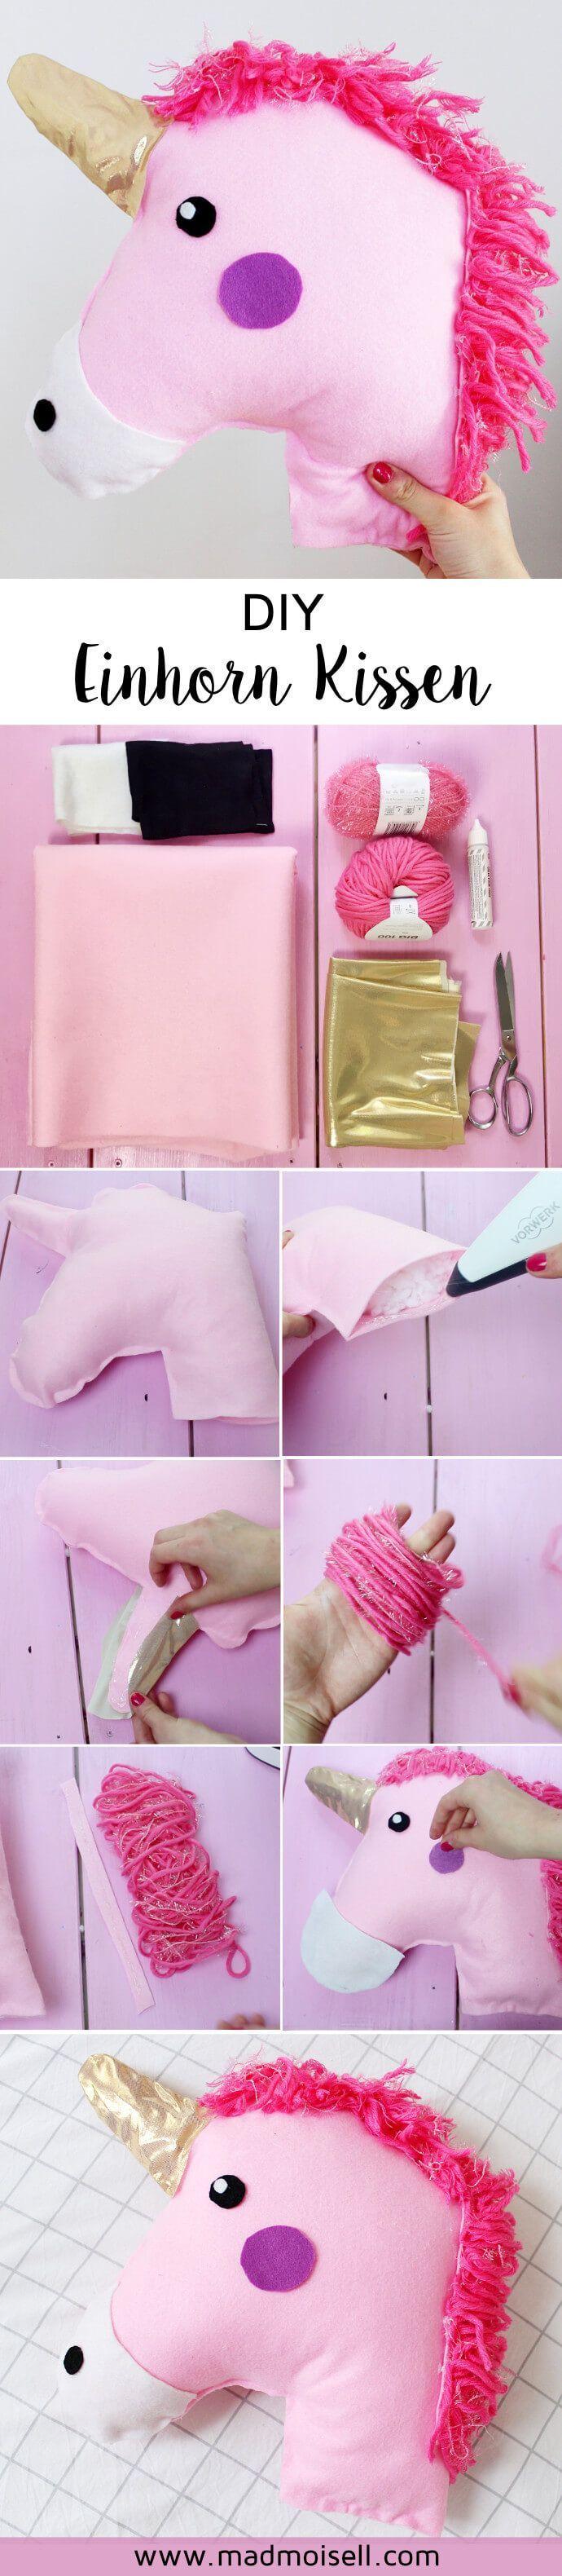 DIY Einhorn Kissen selber machen: Einfache Anleitung mit und ohne Nähen!